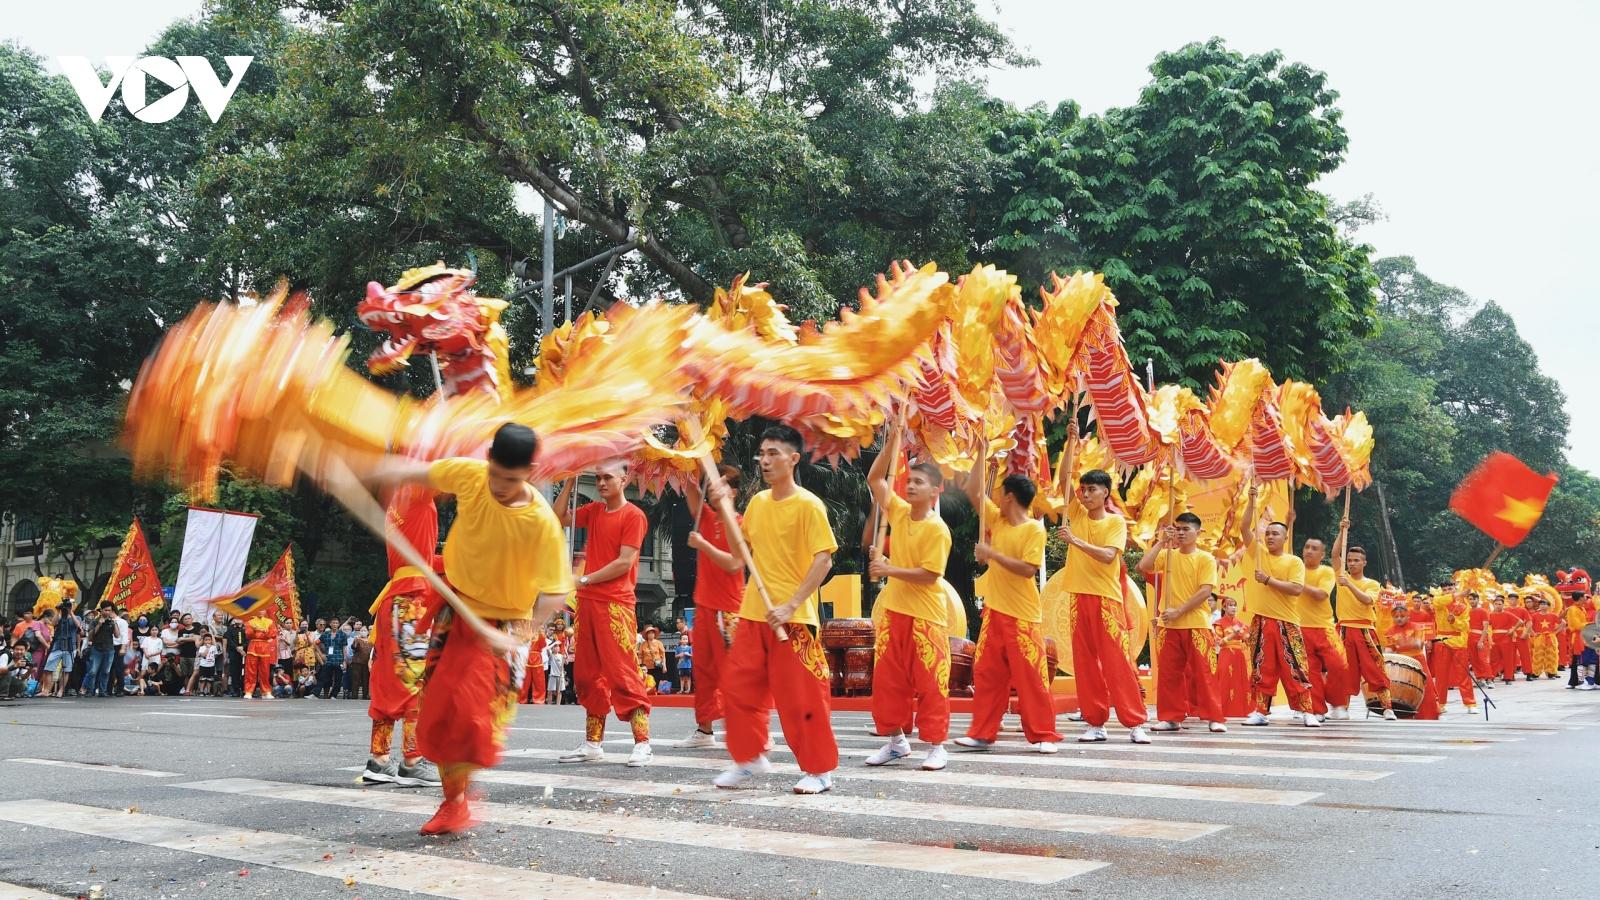 Tưng bừng Liên hoan nghệ thuật múa rồng Hà Nội 2020 trên phố đi bộ Hồ Gươm